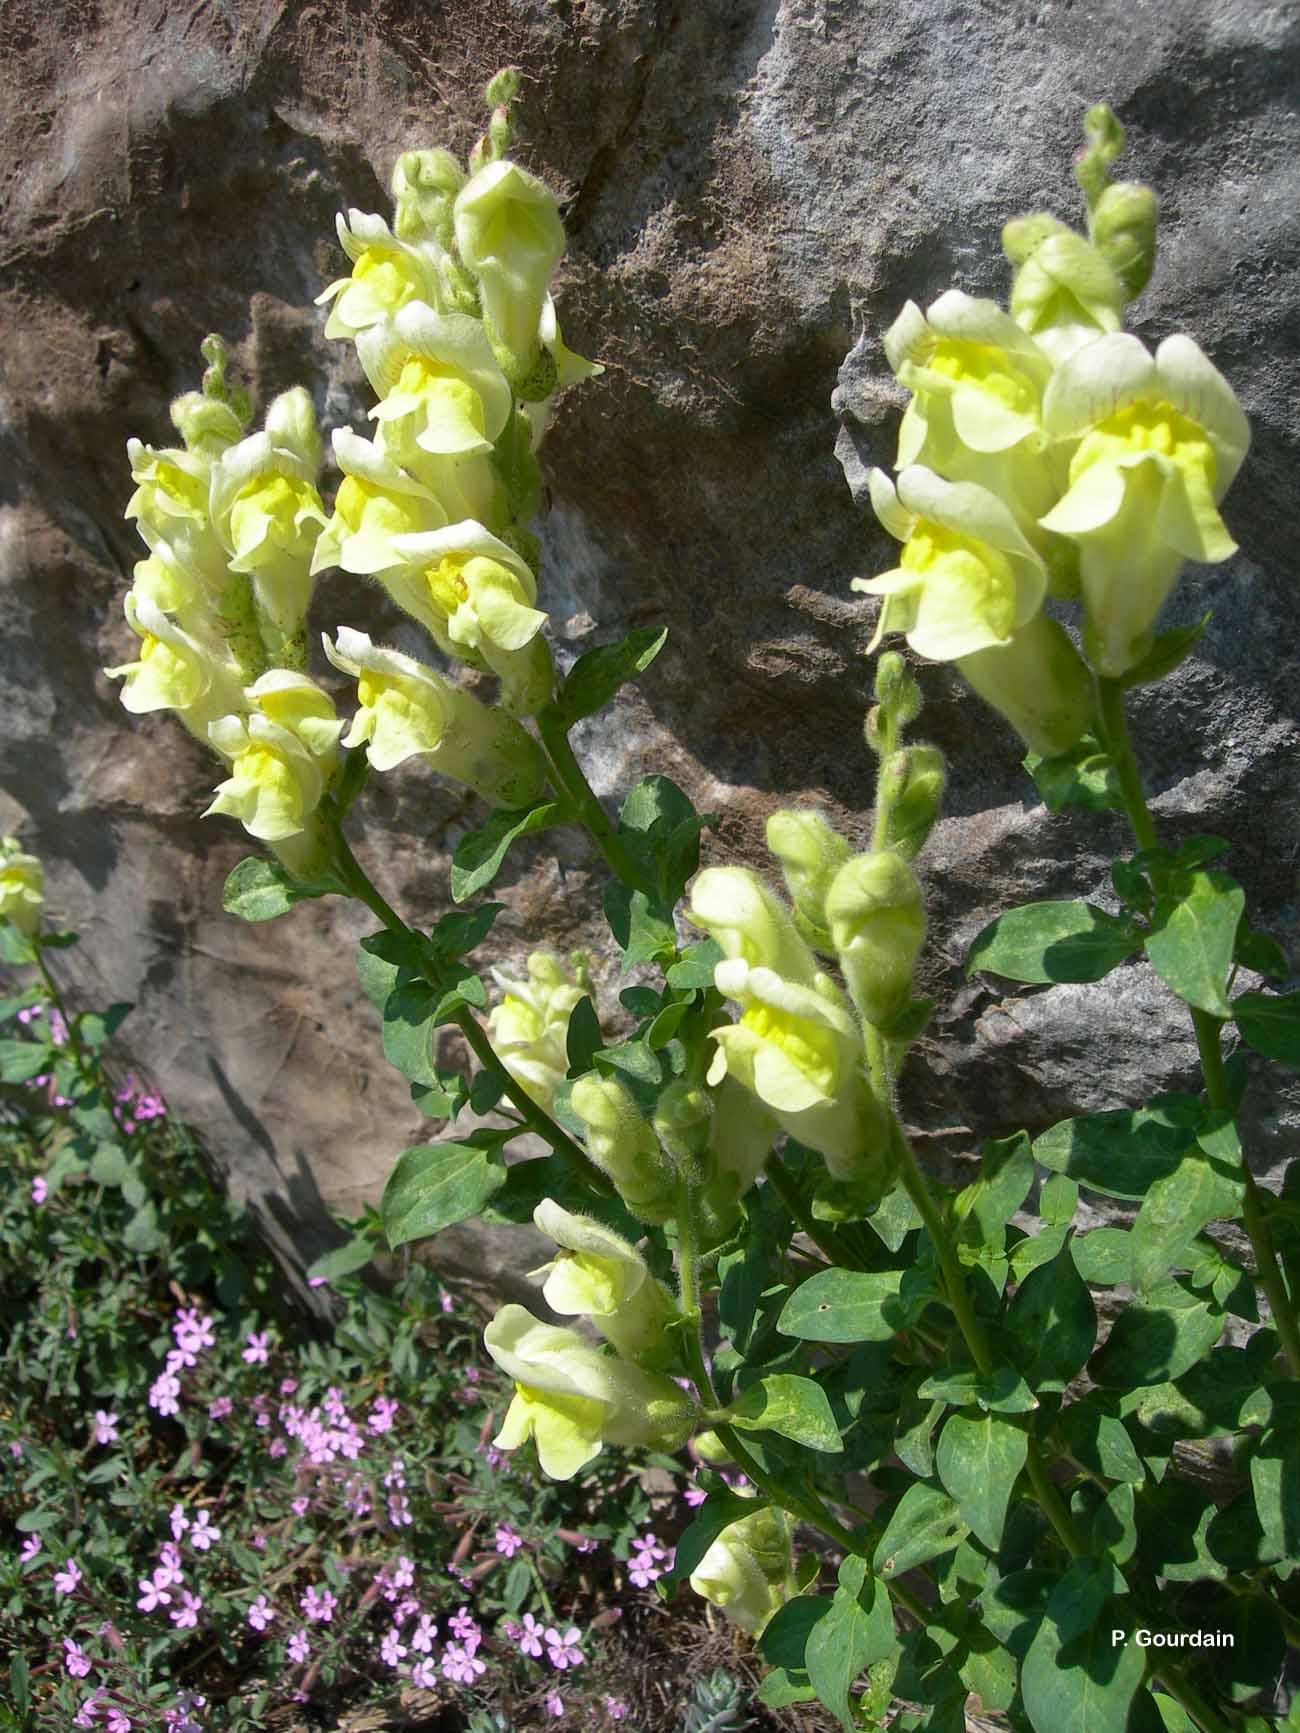 Antirrhinum majus subsp. latifolium